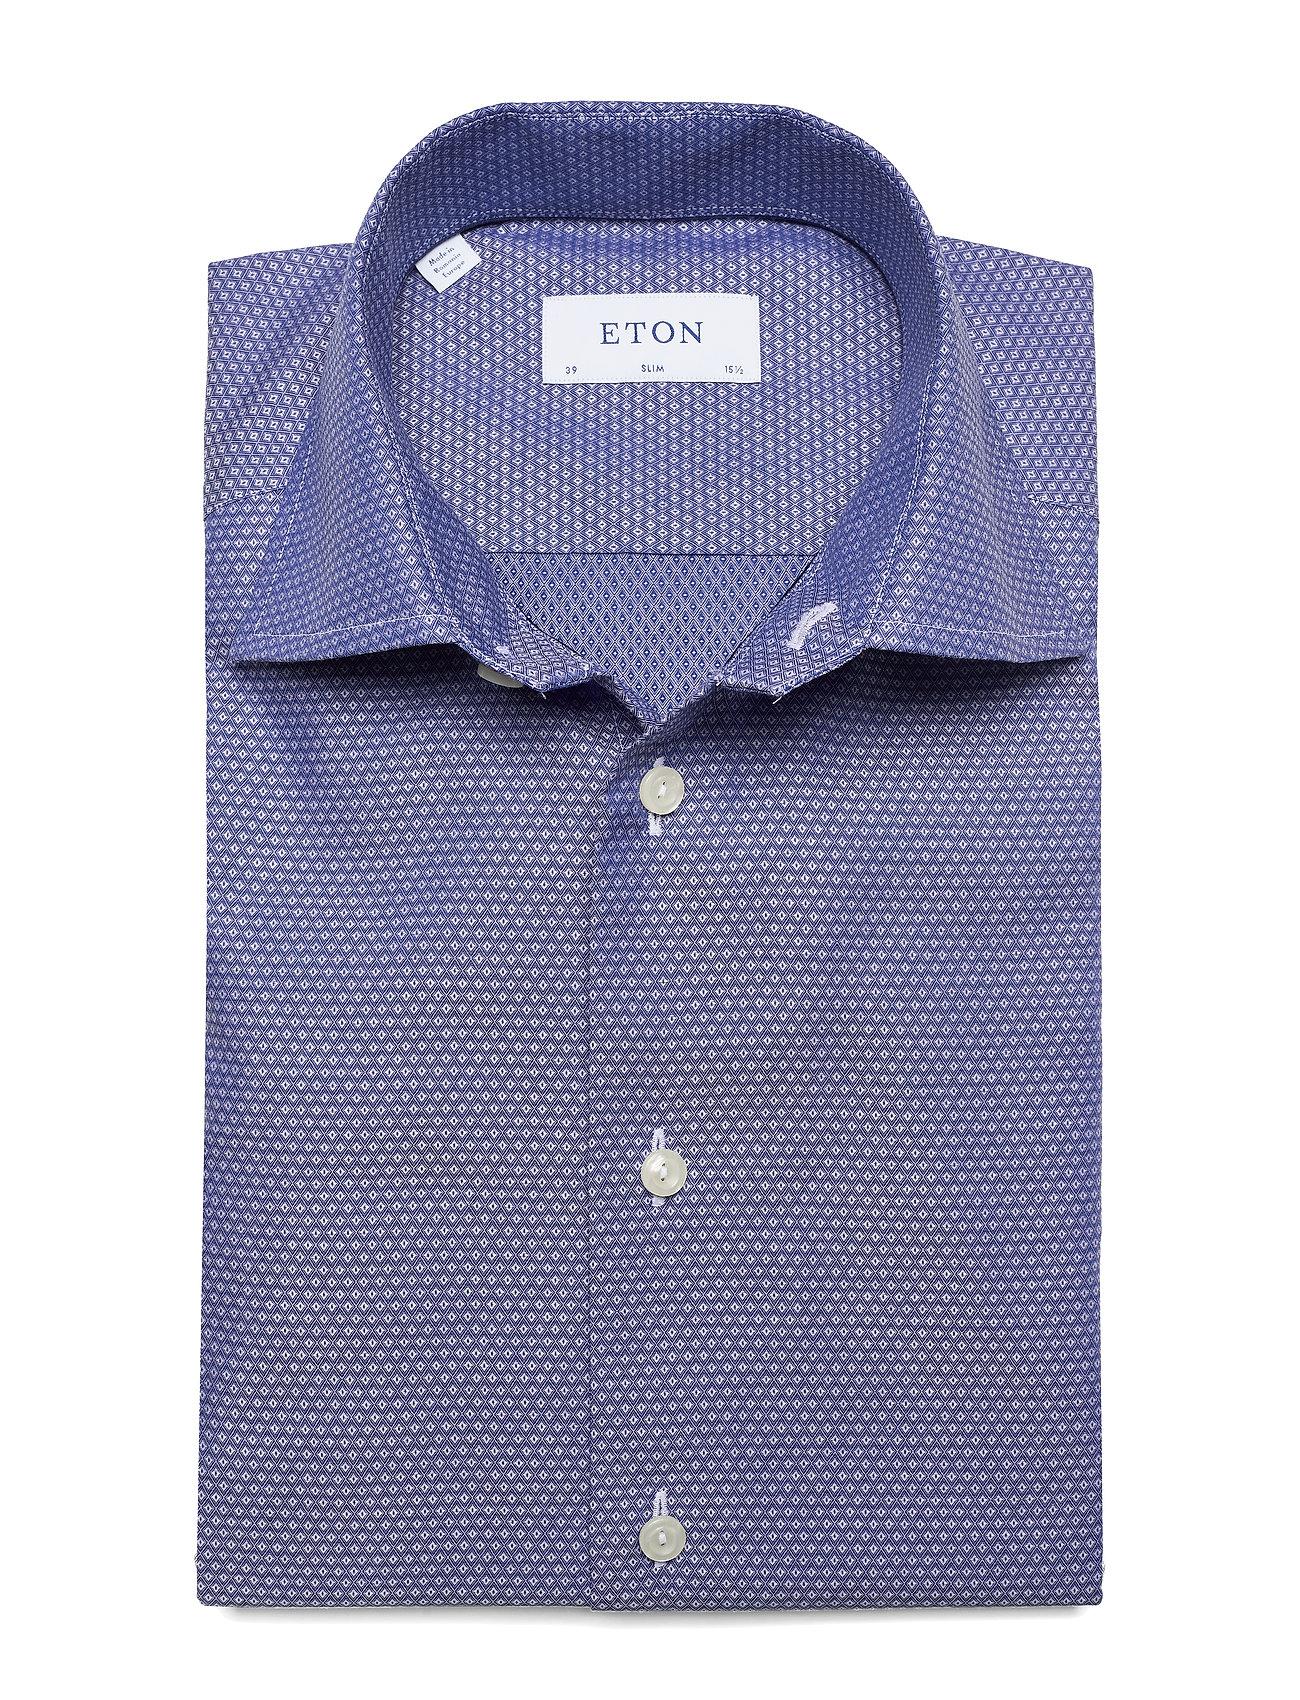 Eton Twill - Skjorter BLUE - Menn Klær